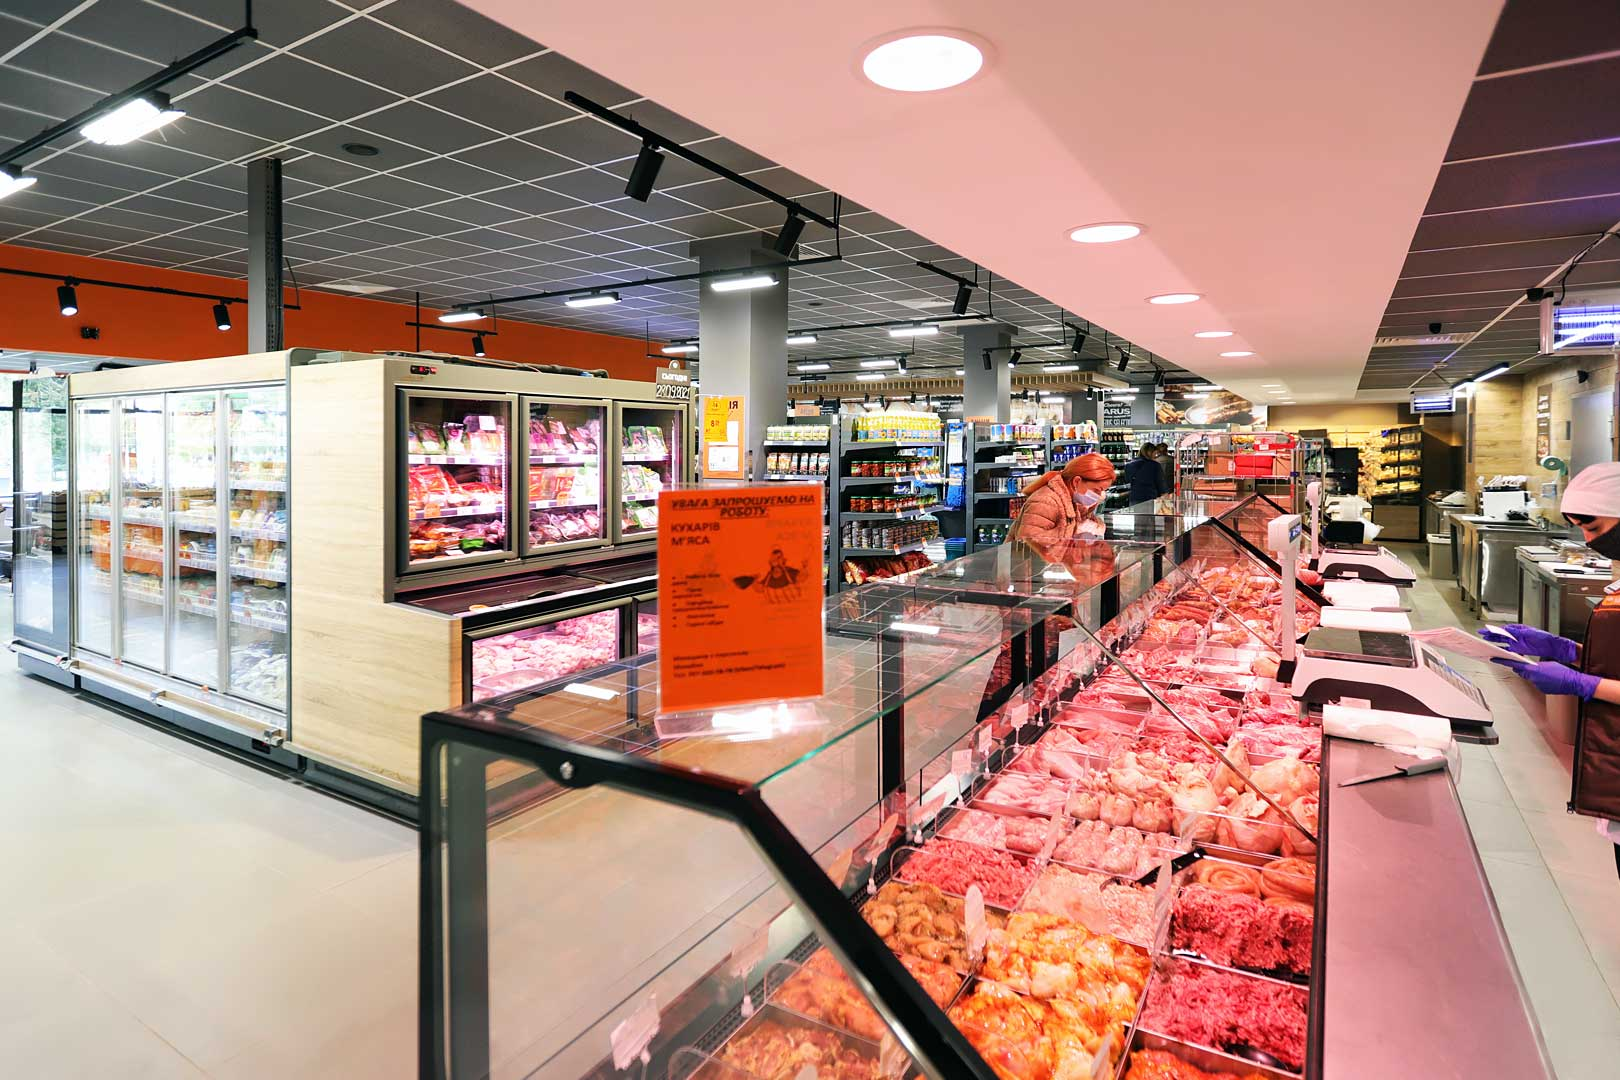 Холодильні вітрини Мissouri cold diamond MC 126 deli PS 130-DBM, вітрина для заморожених продуктів Аlaska combi 2 MHV 110 LT D/C 200-DLM-MD, супермаркет VARUS